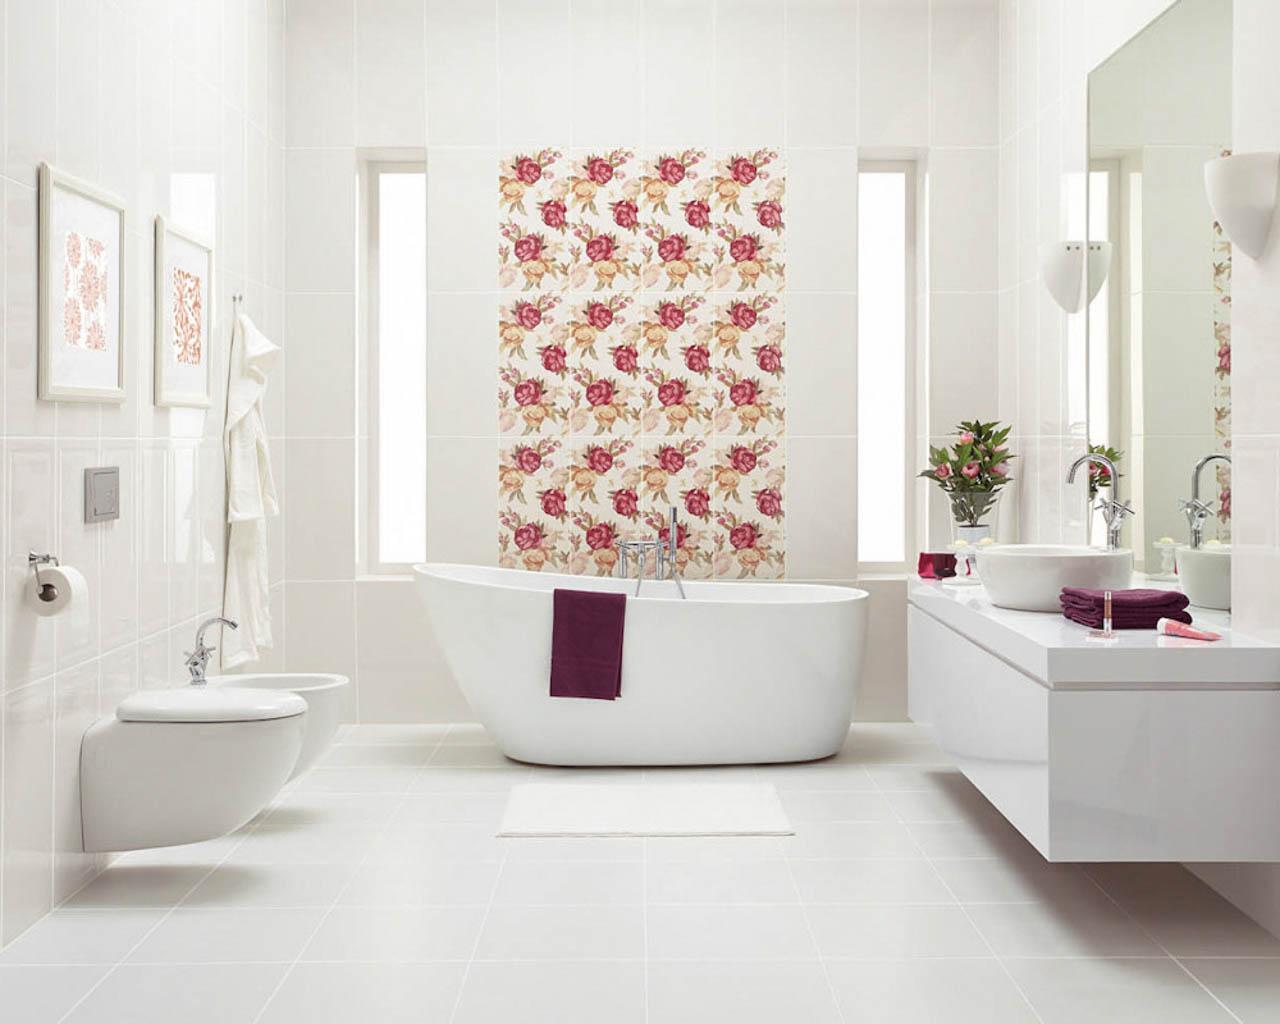 Przestronna biała łazienka w stylu glamour z kwiatowymi dekoracjami